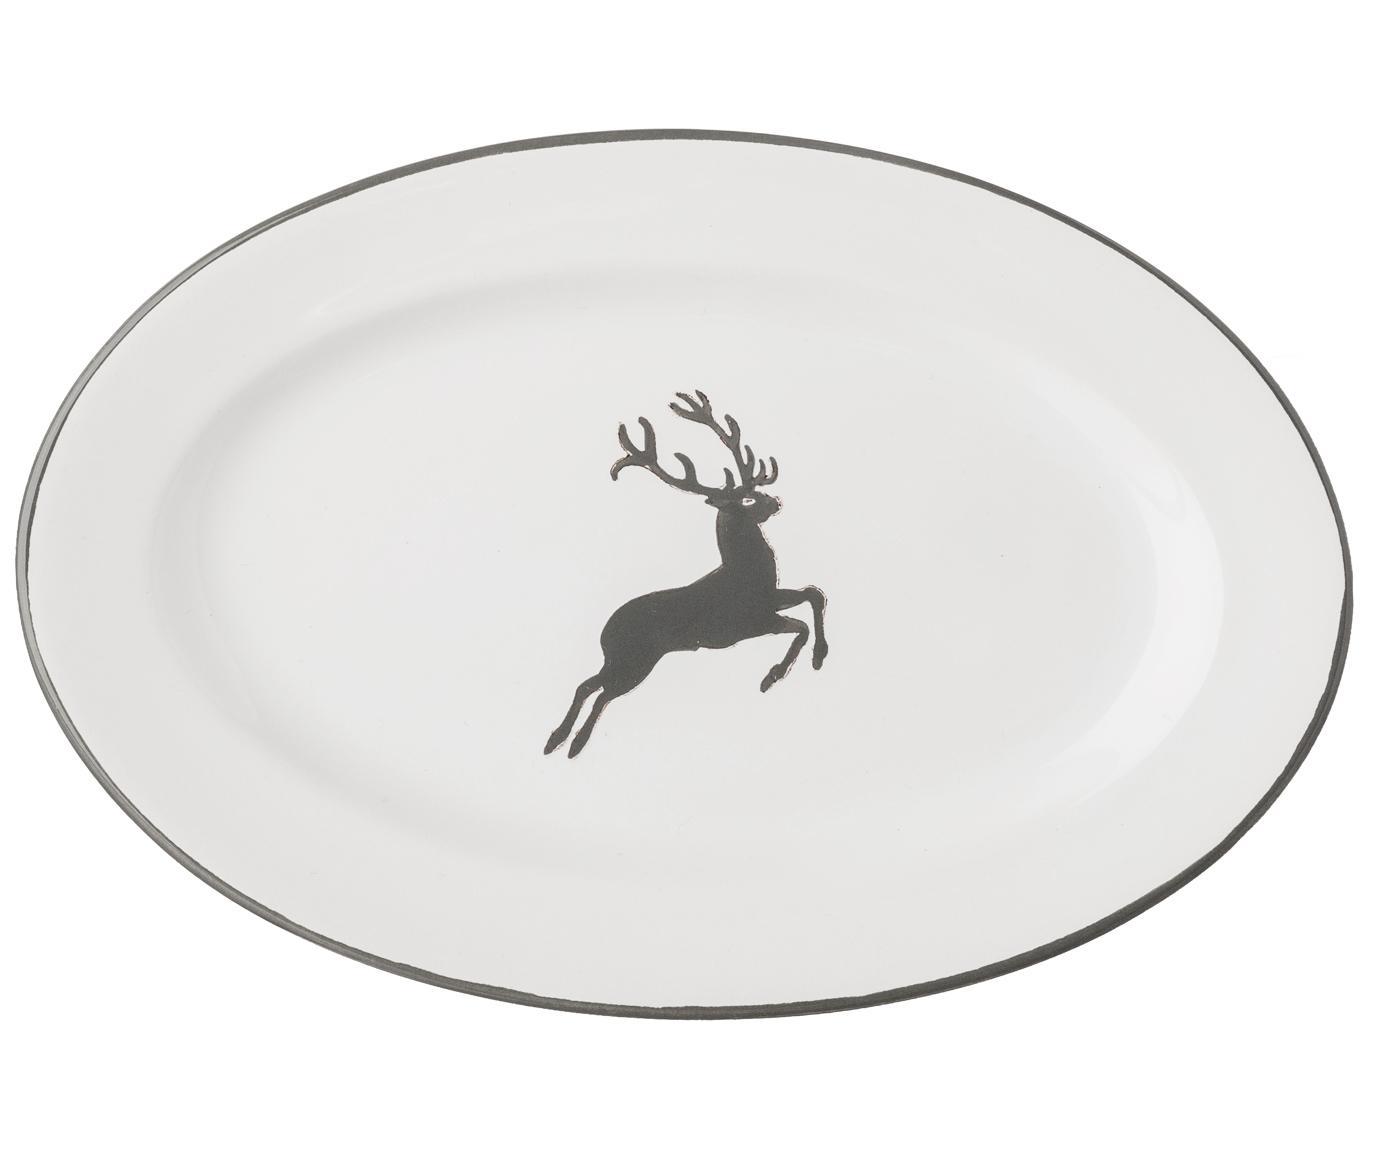 Serveerbord Gourmet Grijze Hert, Keramiek, Grijs, wit, 21 x 14 cm